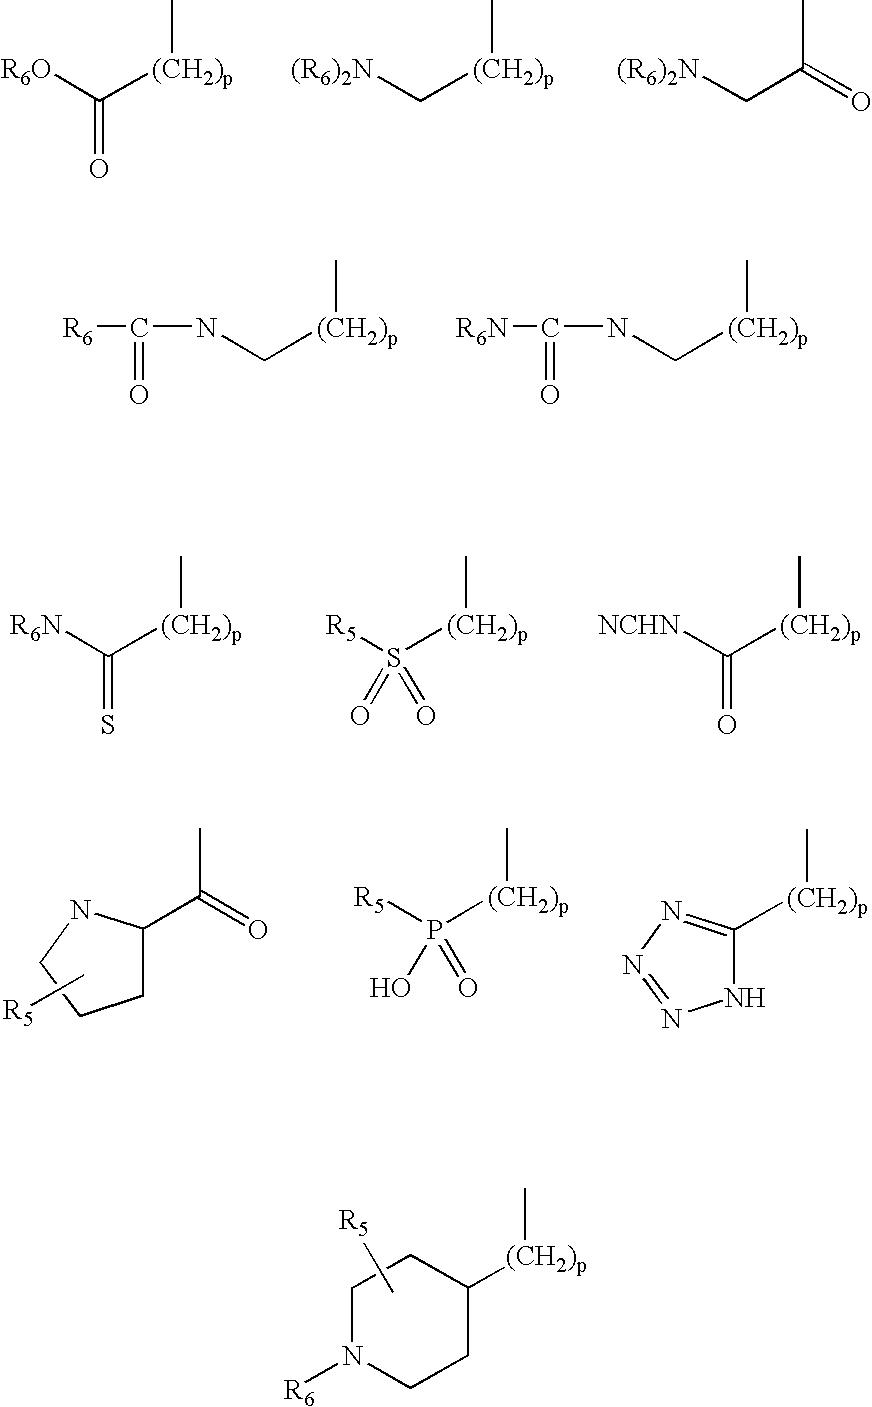 Figure US20050171138A1-20050804-C00006